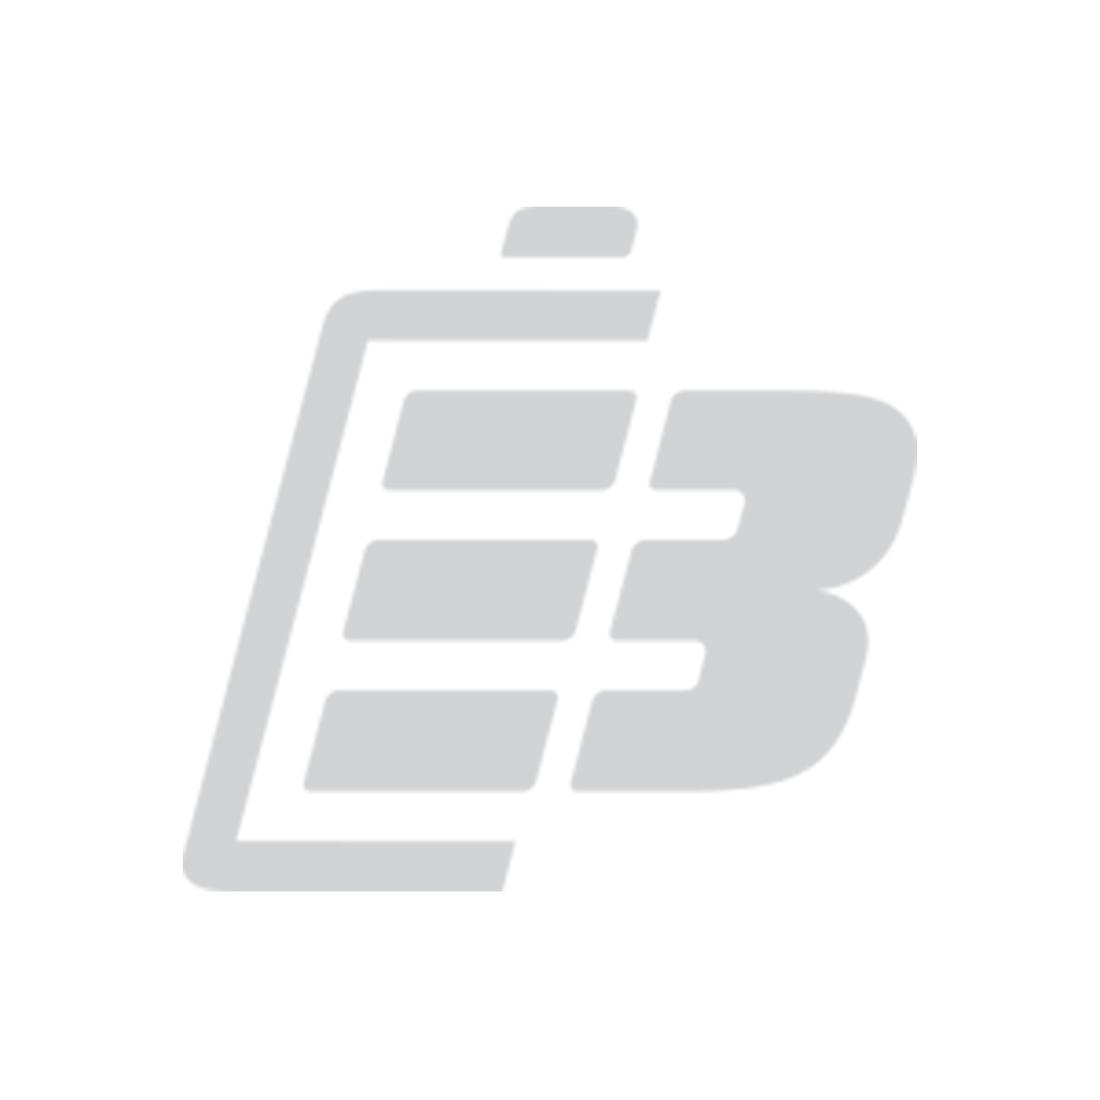 Camera battery Nikon EN-EL19_1